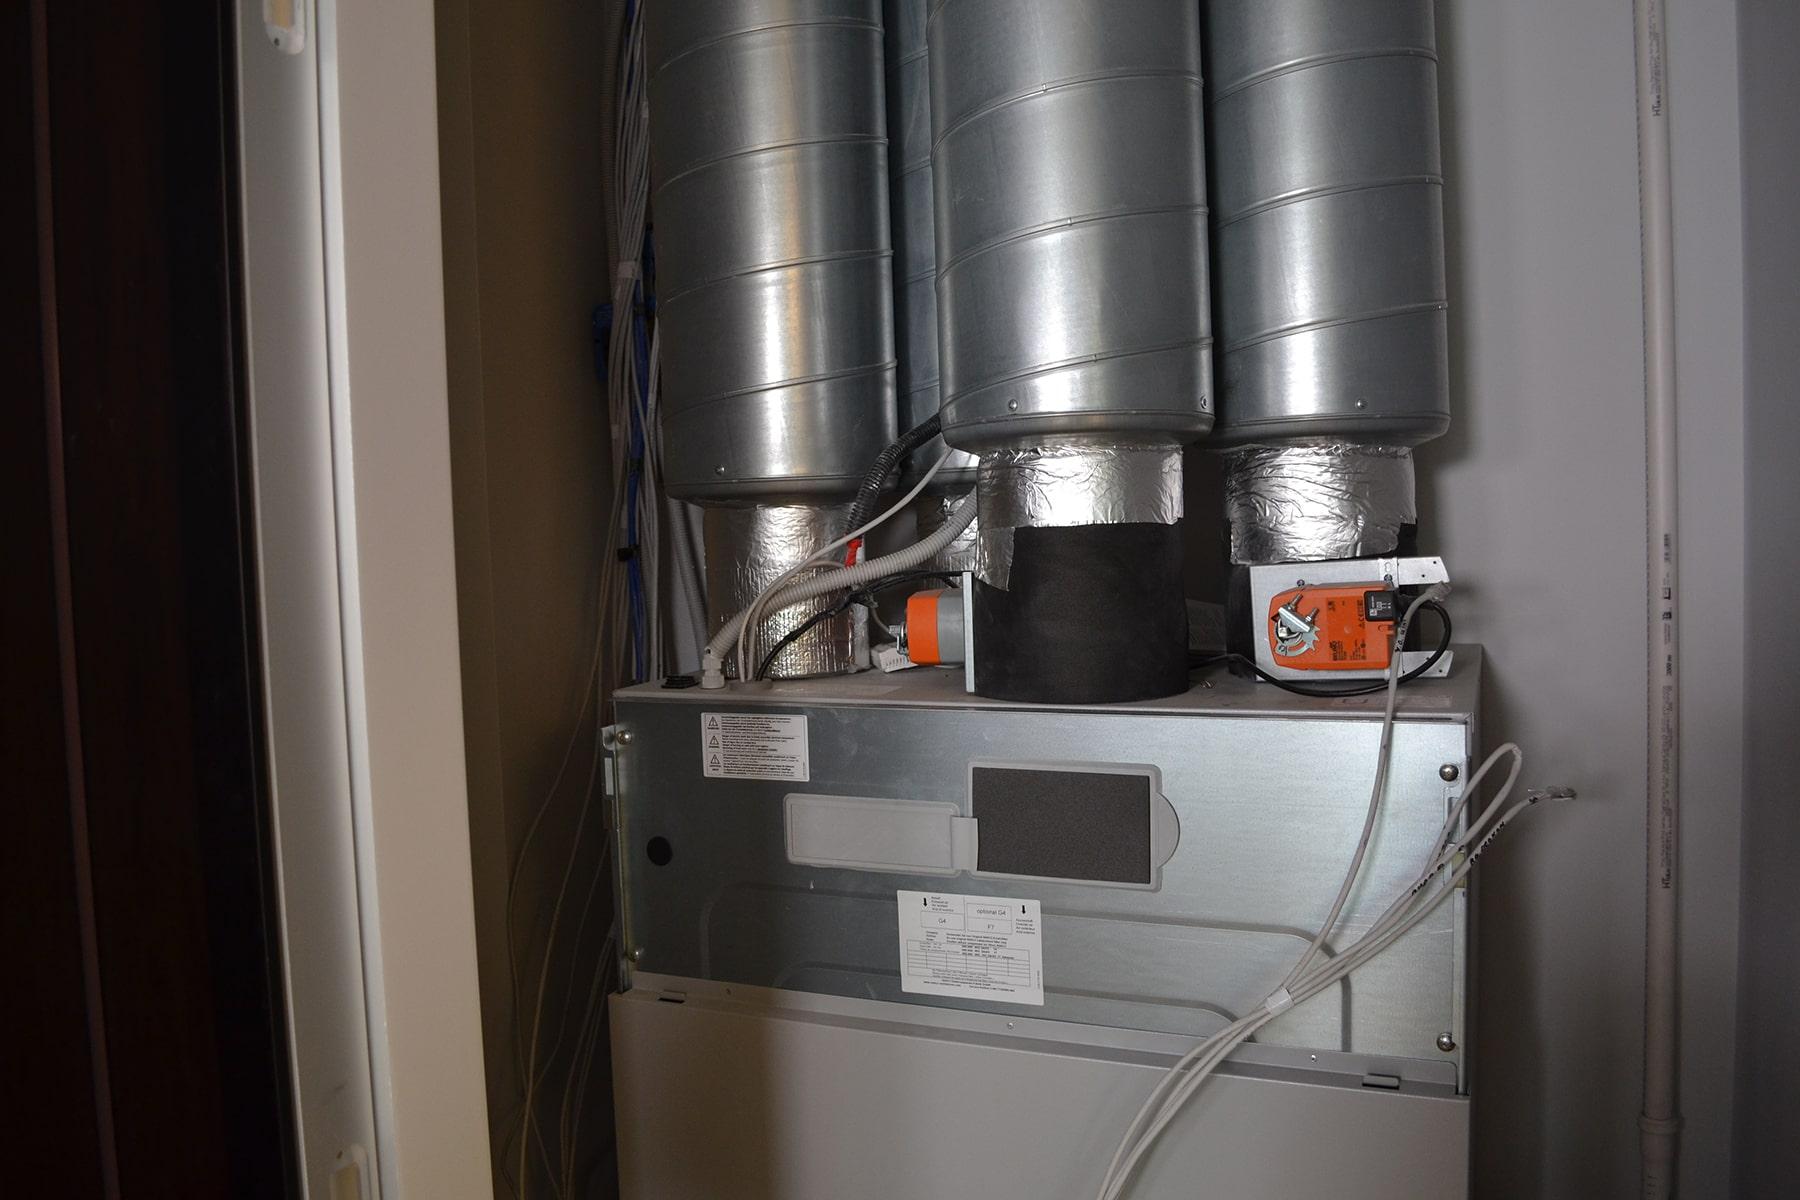 Вентиляційна установкаму у технічному приміщенні квартири